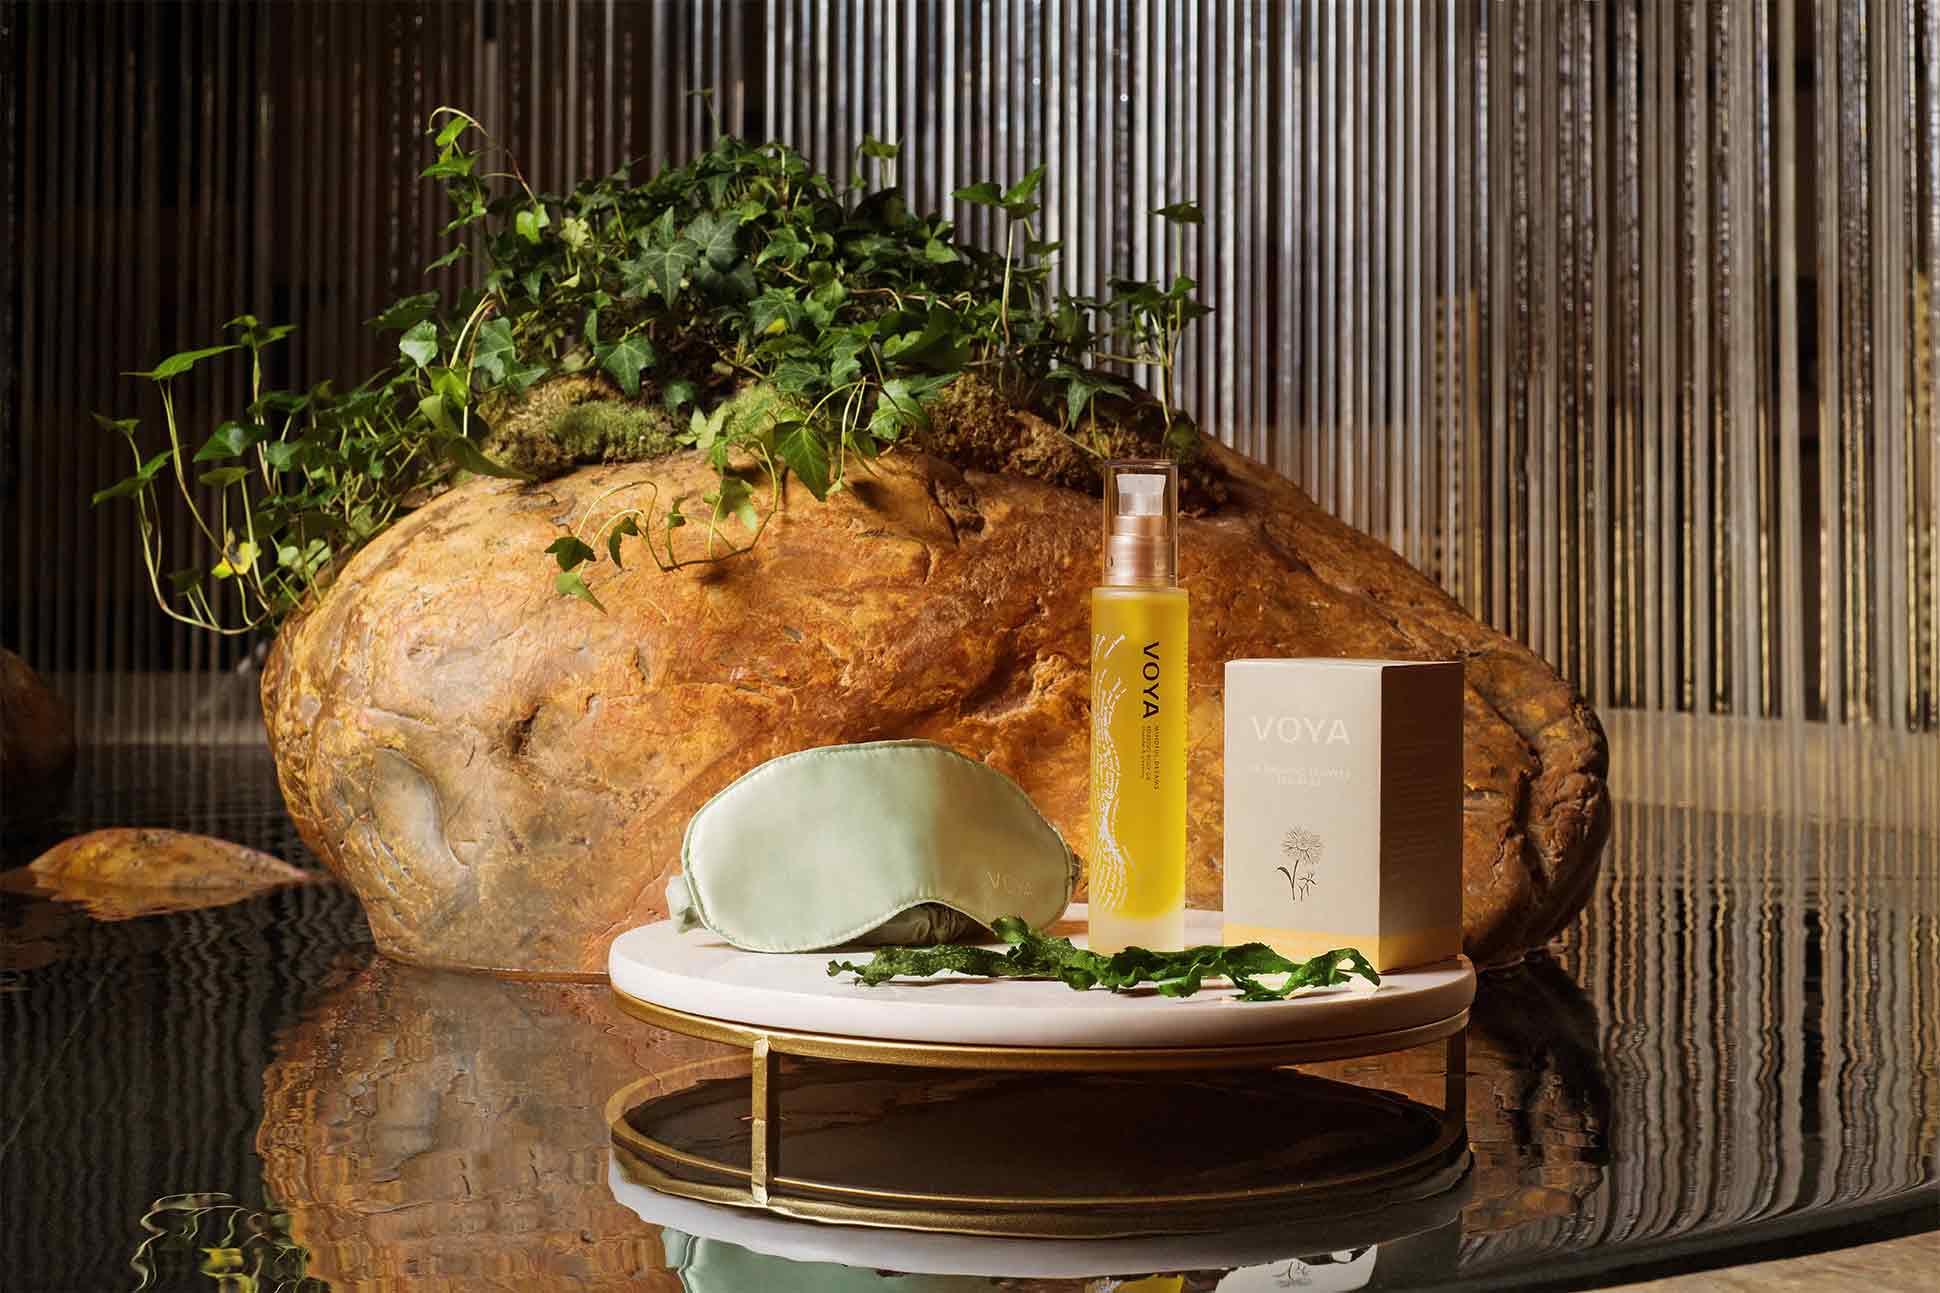 VOYA products showcased at The Peninsula Hong Kong spa